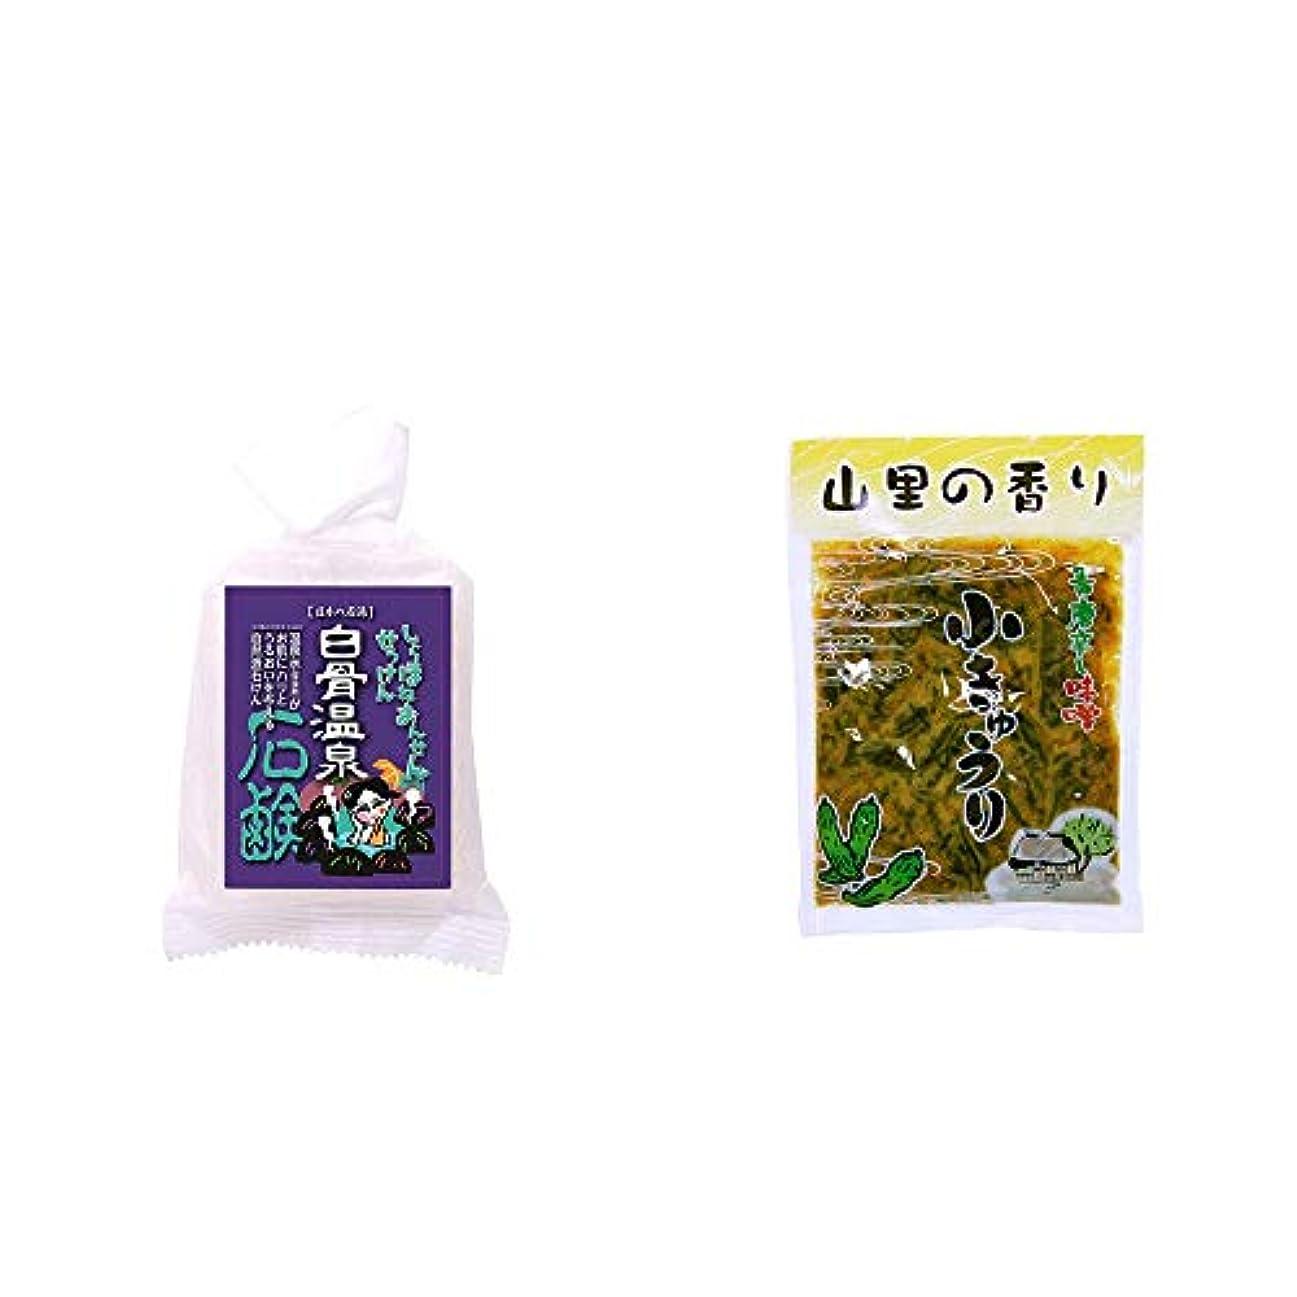 指紋ピッチャーシート[2点セット] 信州 白骨温泉石鹸(80g)?山里の香り 青唐辛し味噌 小きゅうり(250g)